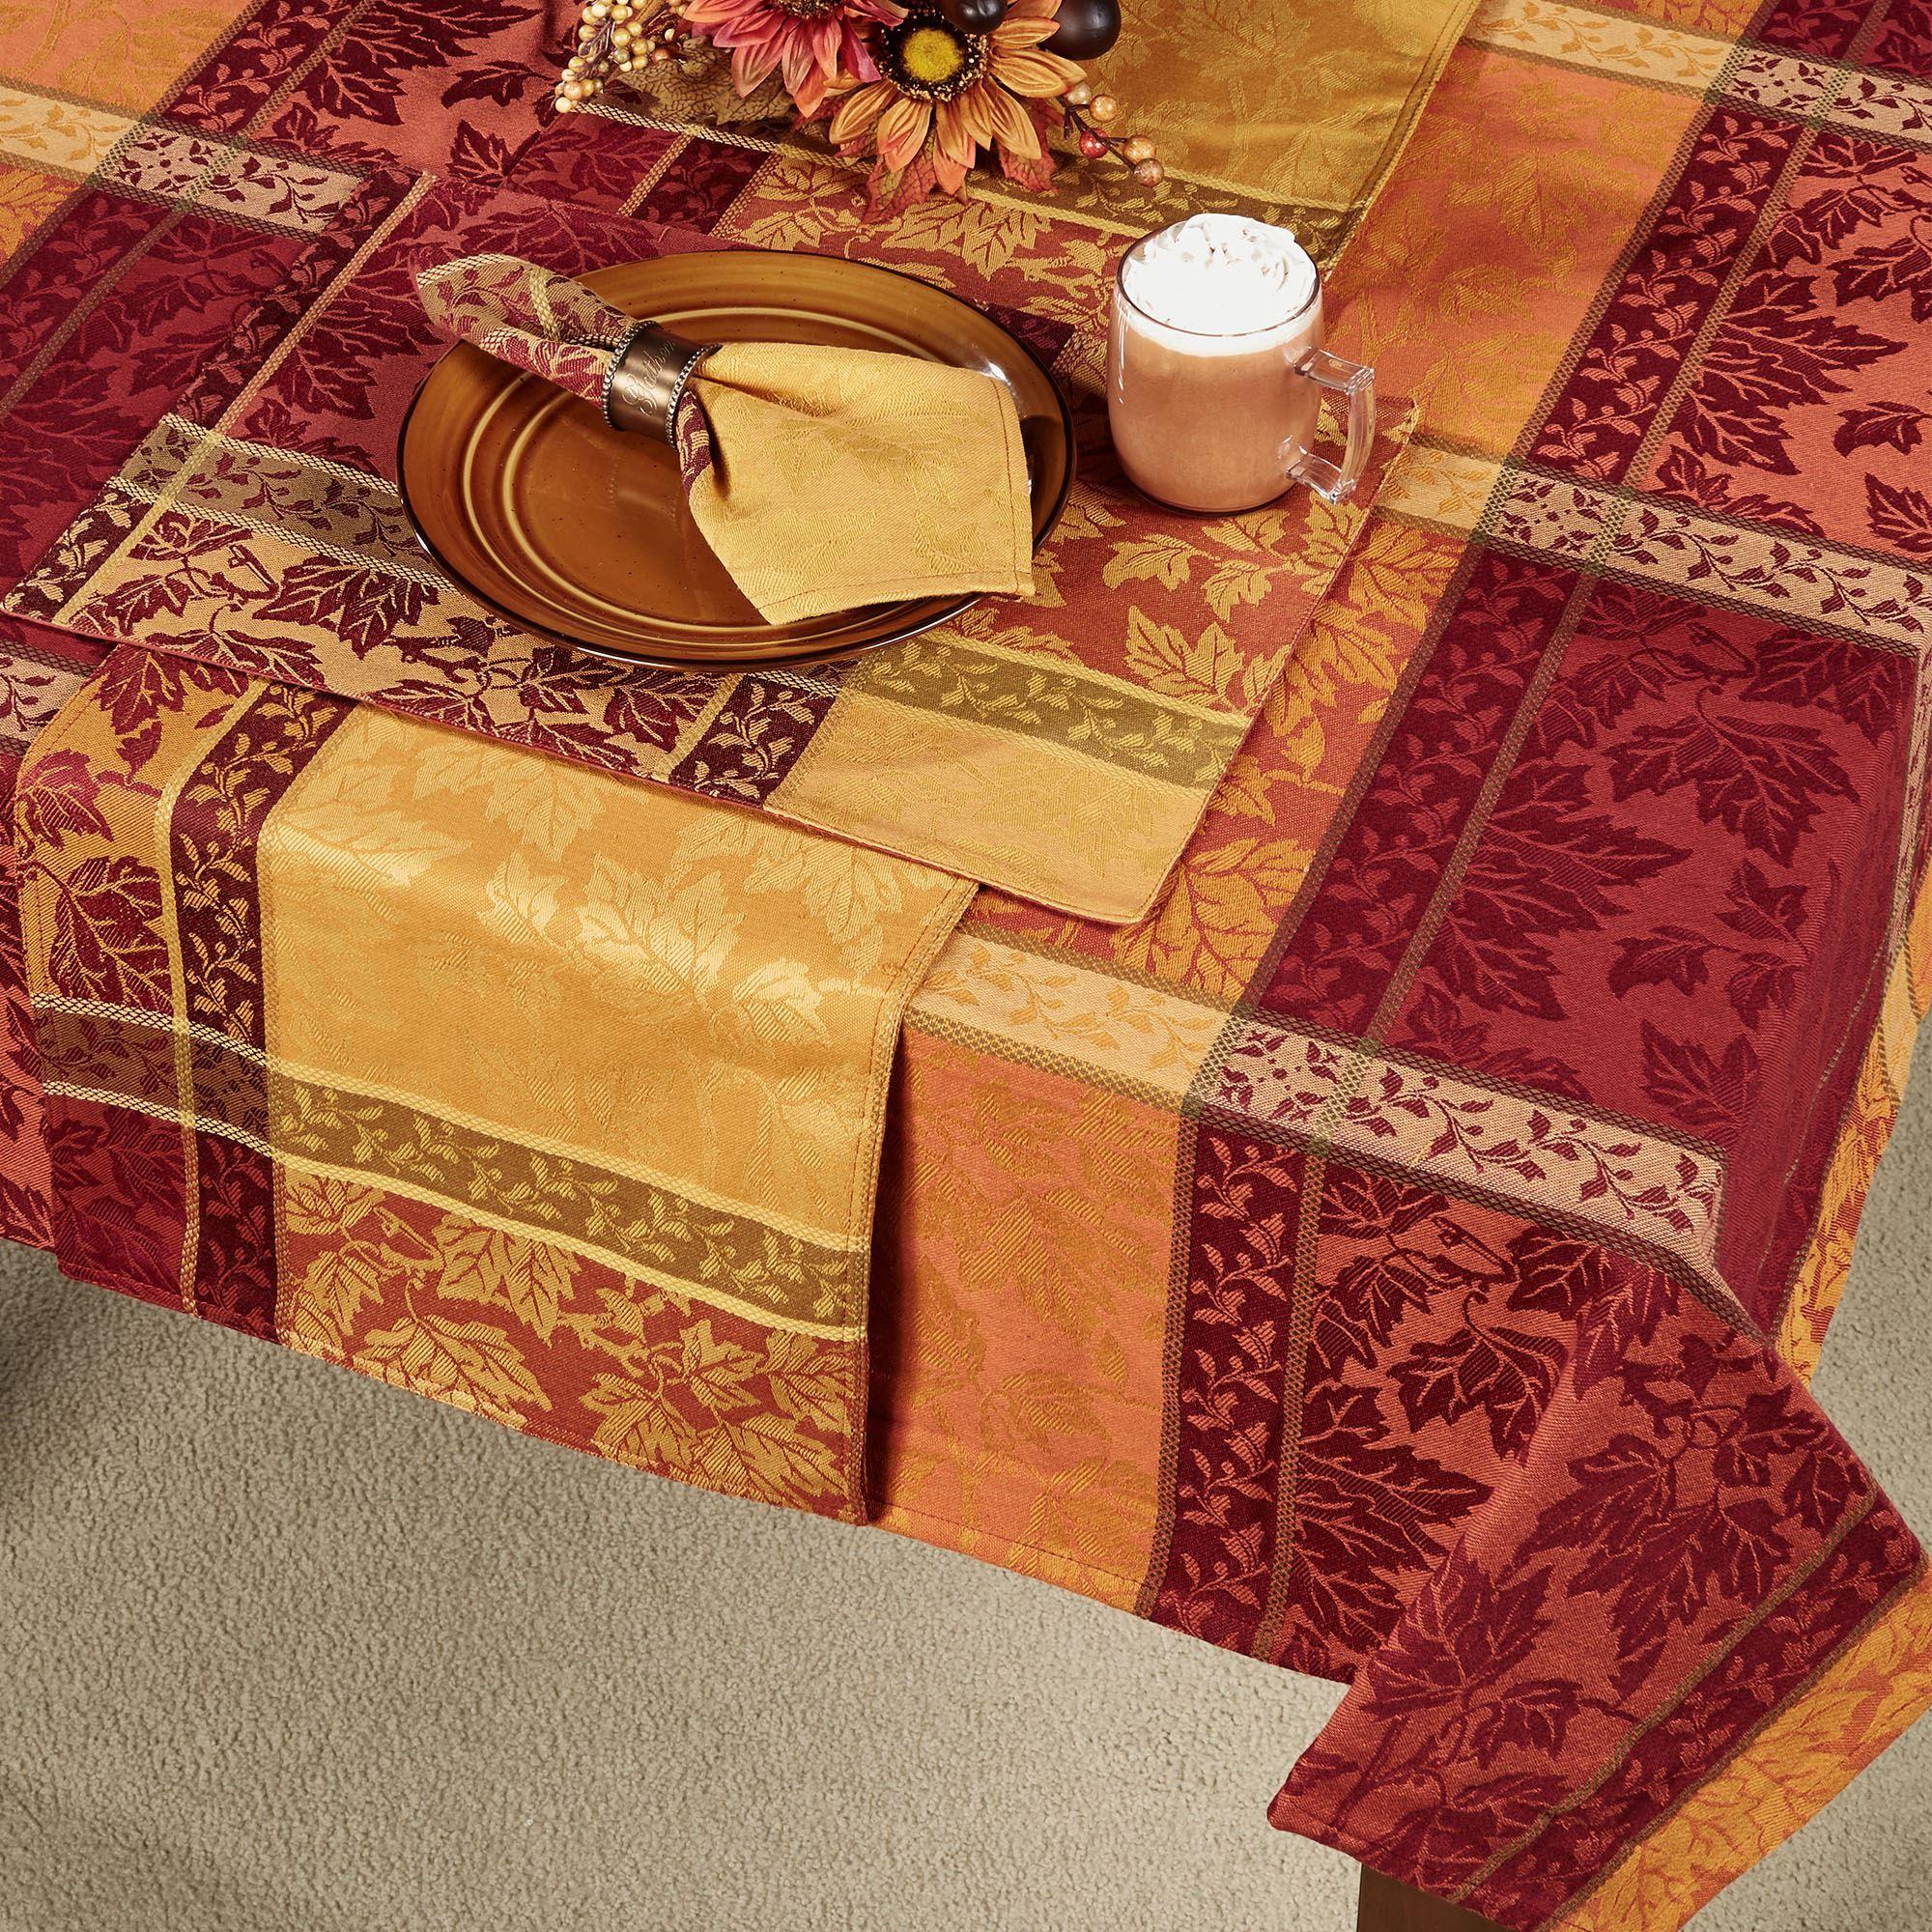 Montvale Jacquard Woven Autumn Table Linens